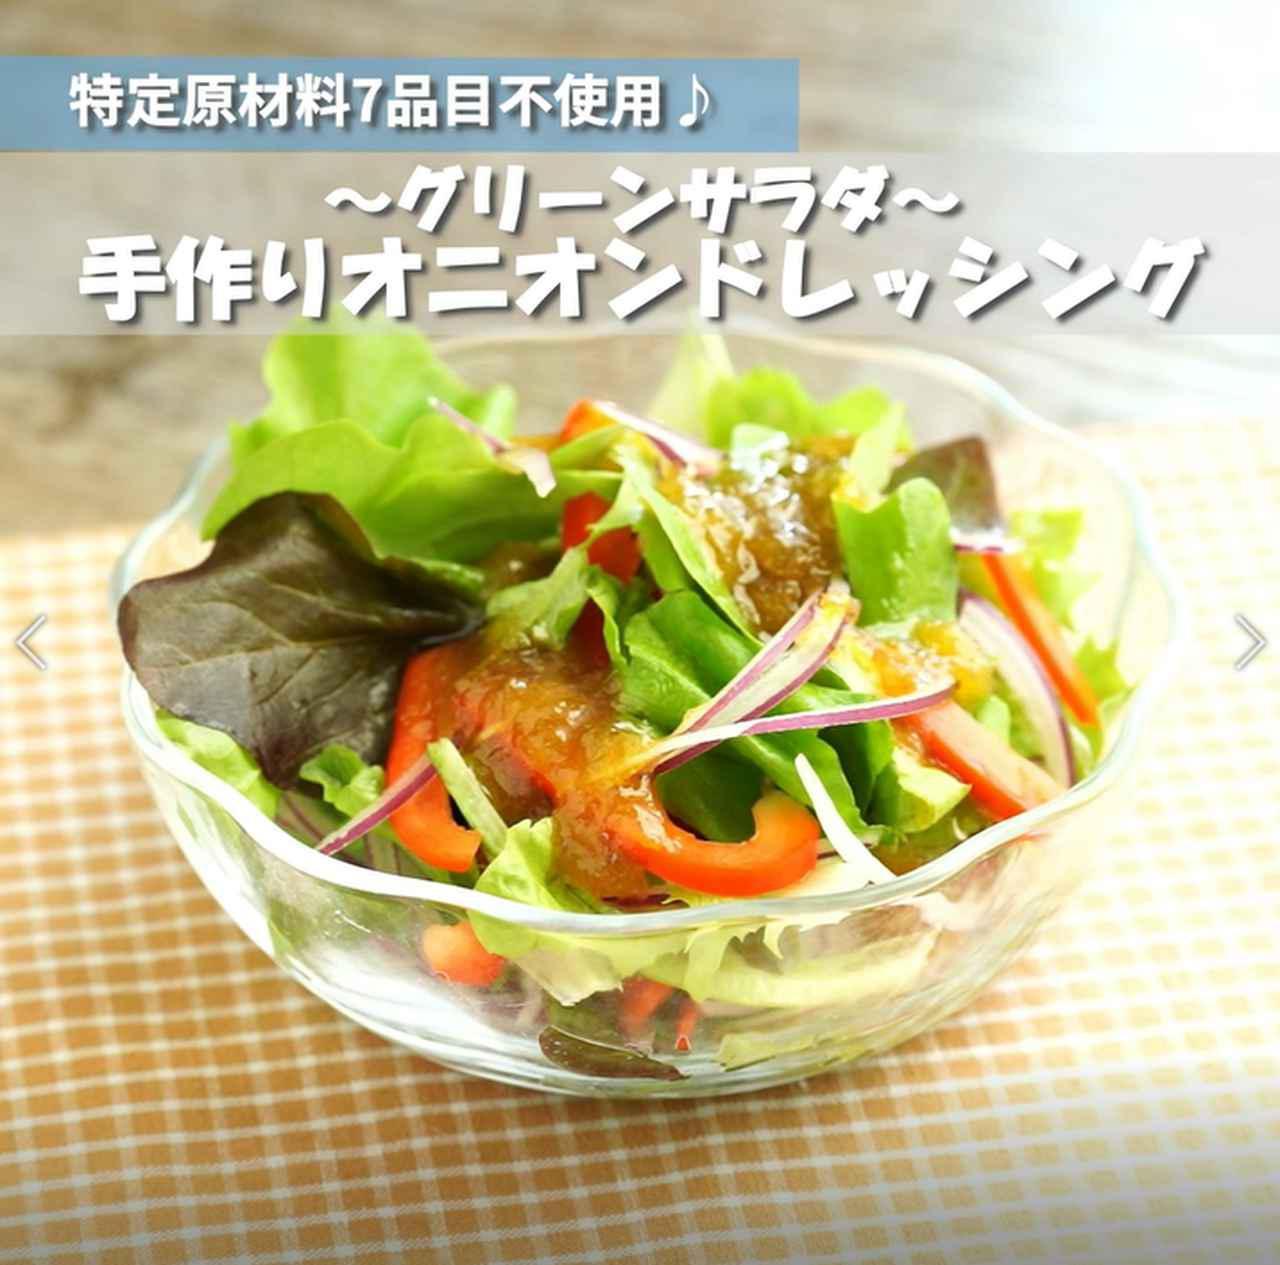 画像: 手作りフレッシュ玉ねぎドレッシングのグリーンサラダ - 君とごはん